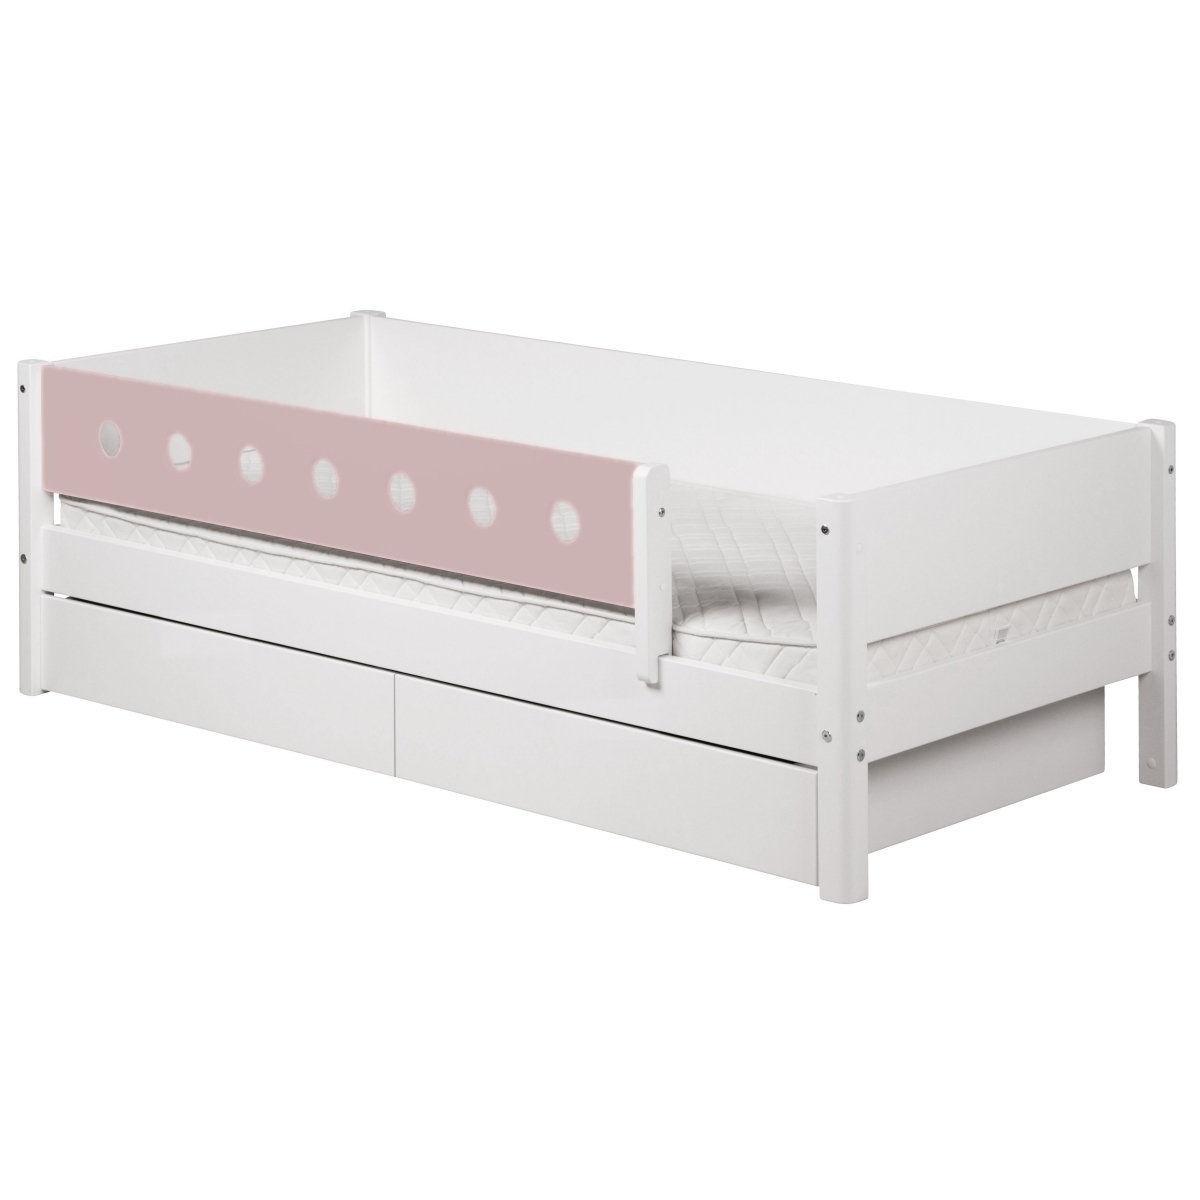 flexa einzelbett 90x200 sch be u sich rosa 98 17205 18. Black Bedroom Furniture Sets. Home Design Ideas